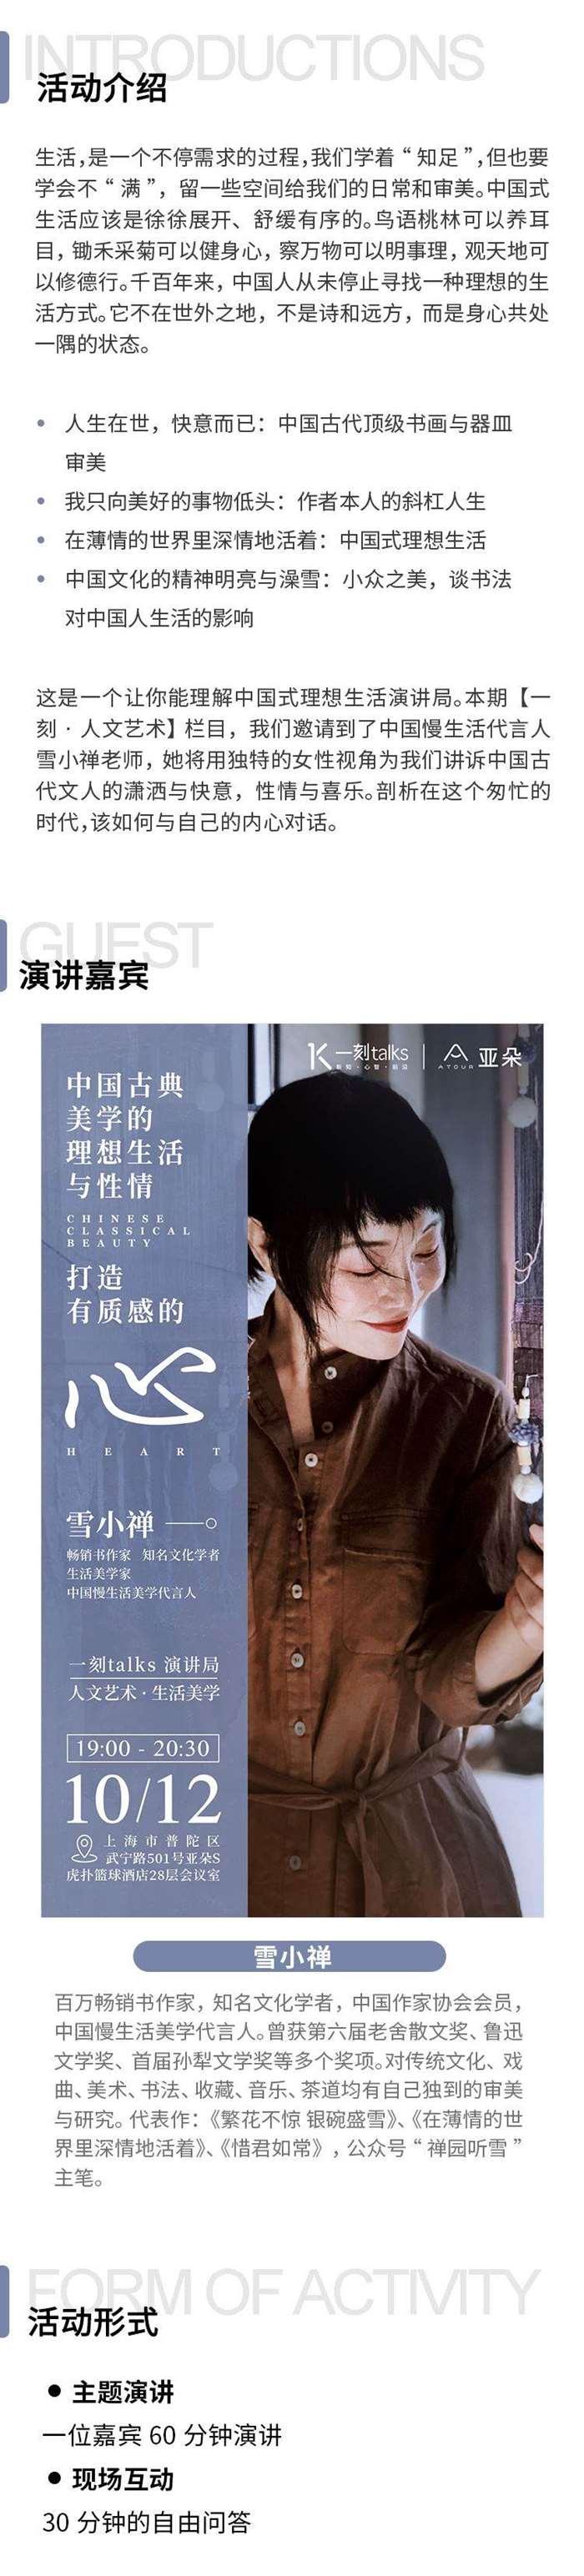 雪小婵-详情页-活动行_01.jpg